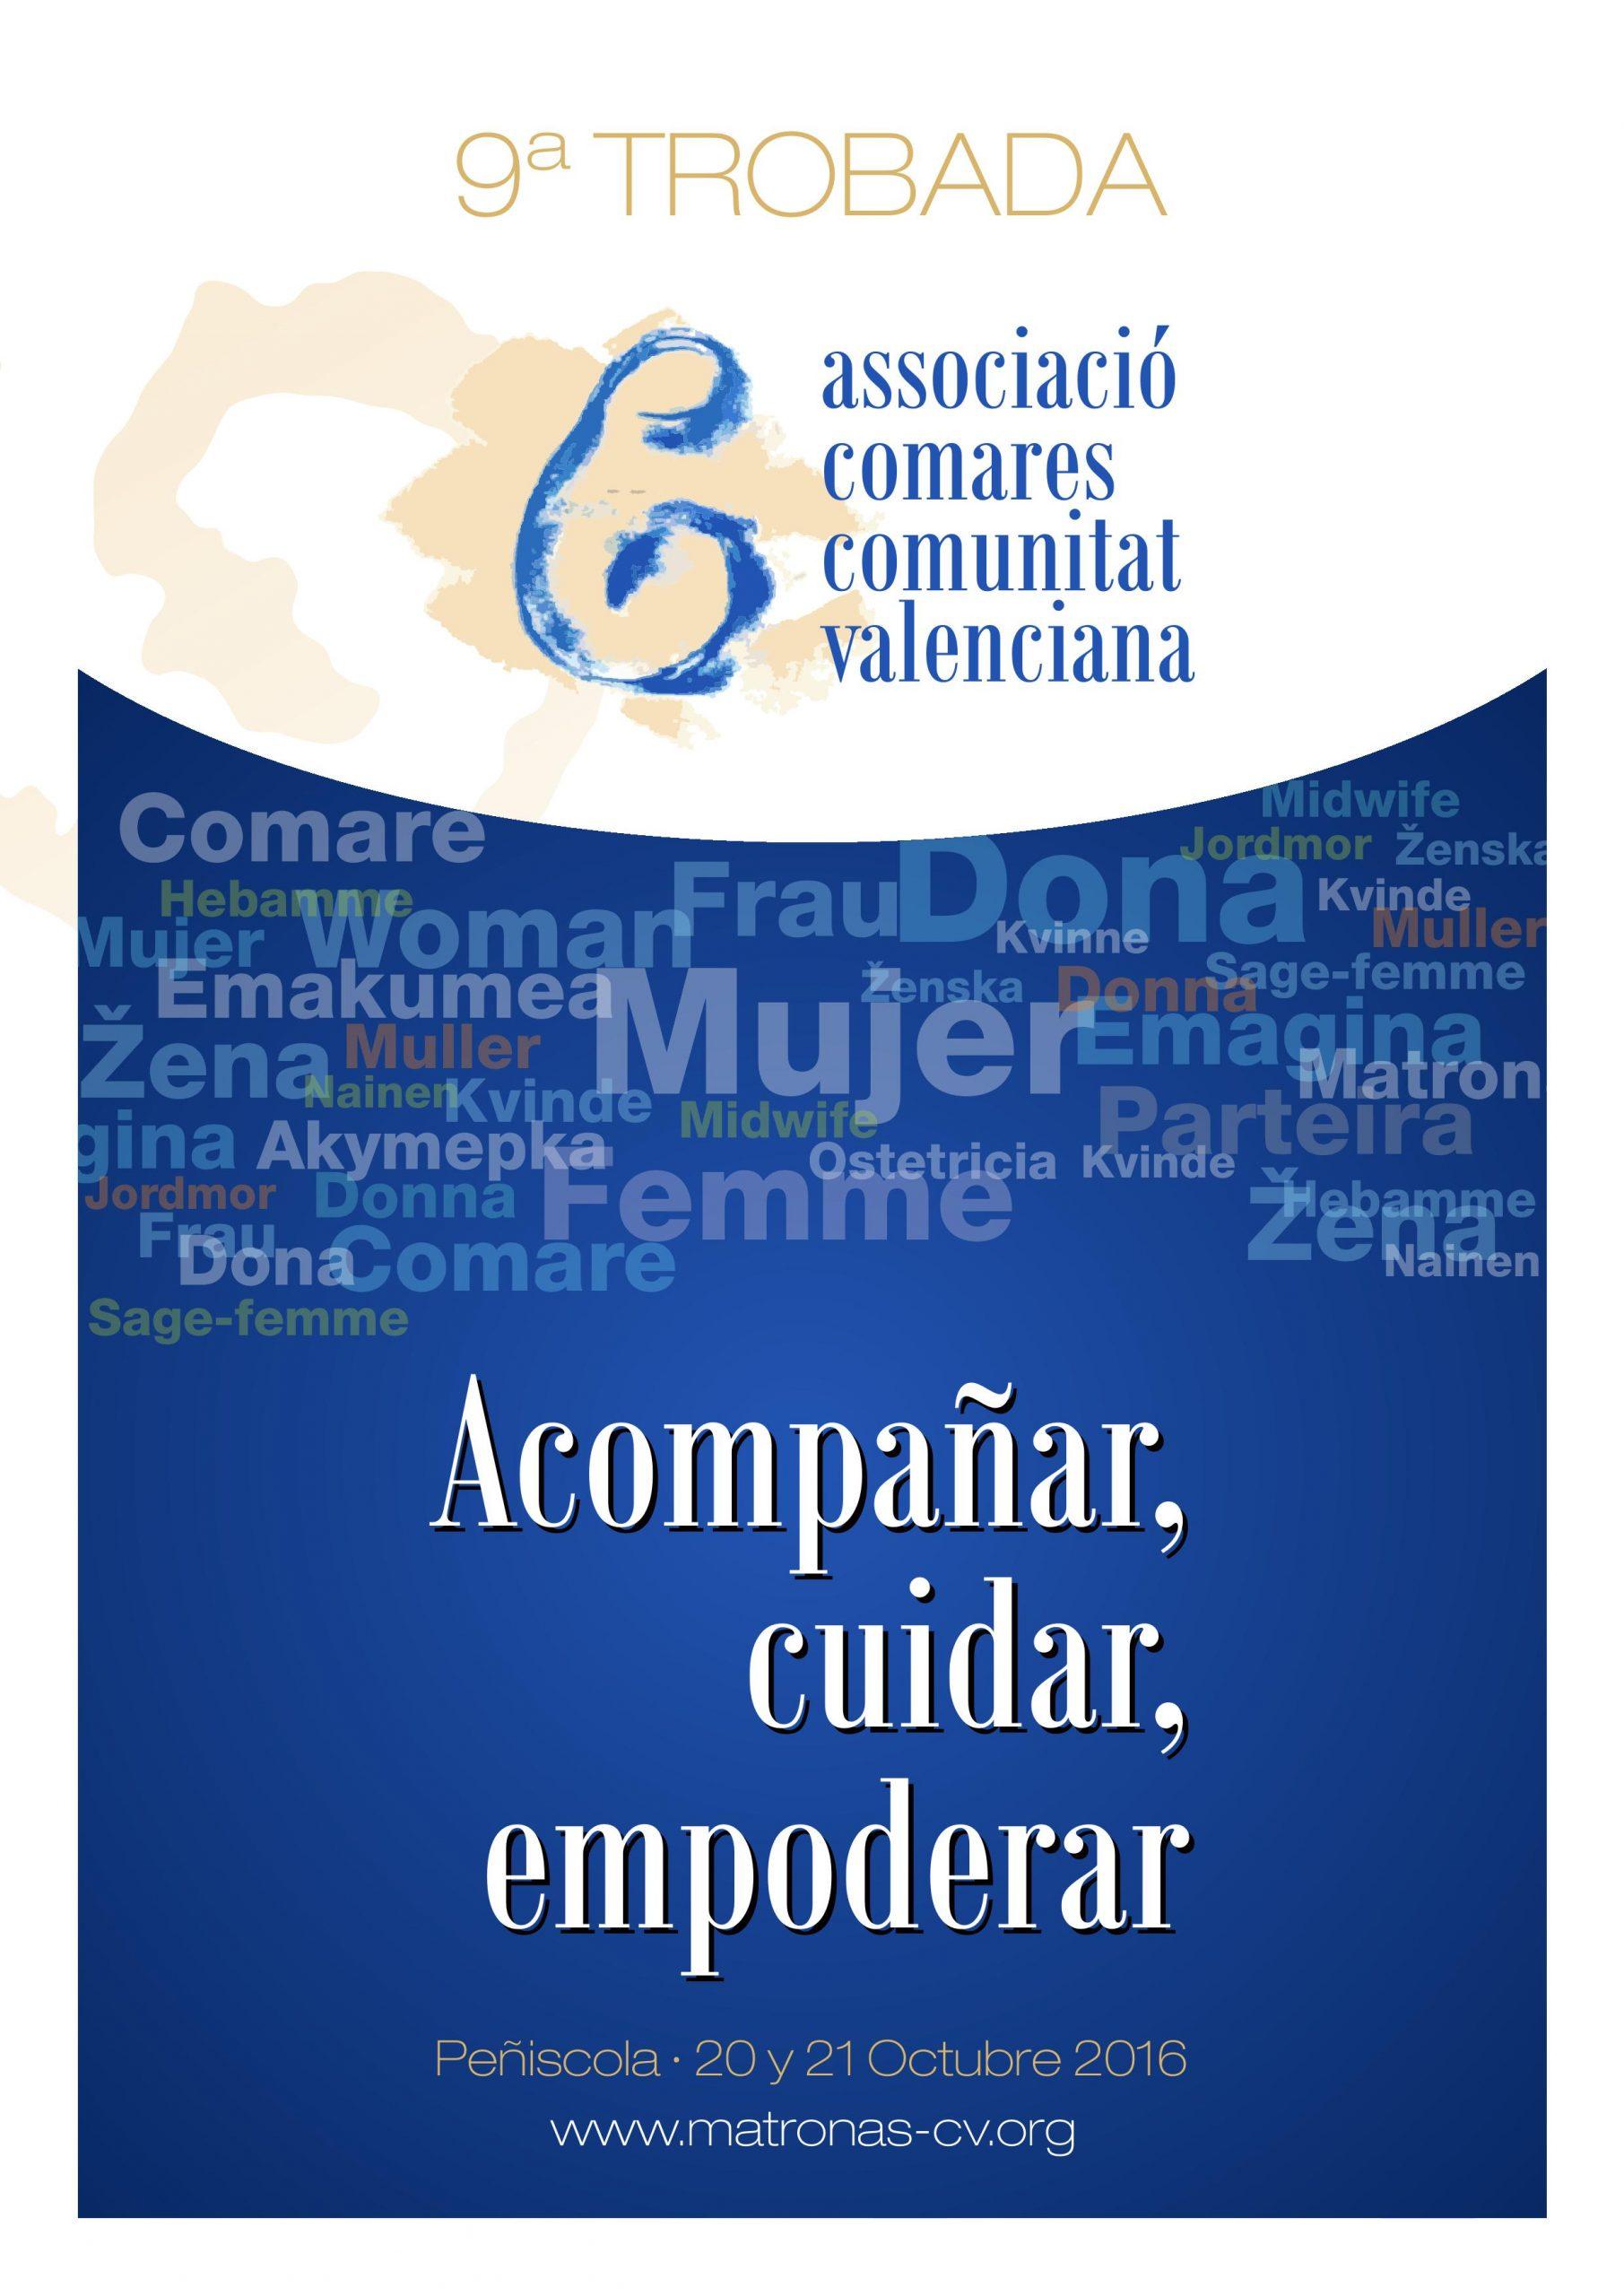 Yolanda Ortiz: participación 9º Jornada de la Asociación de matronas de la Comunidad Valenciana